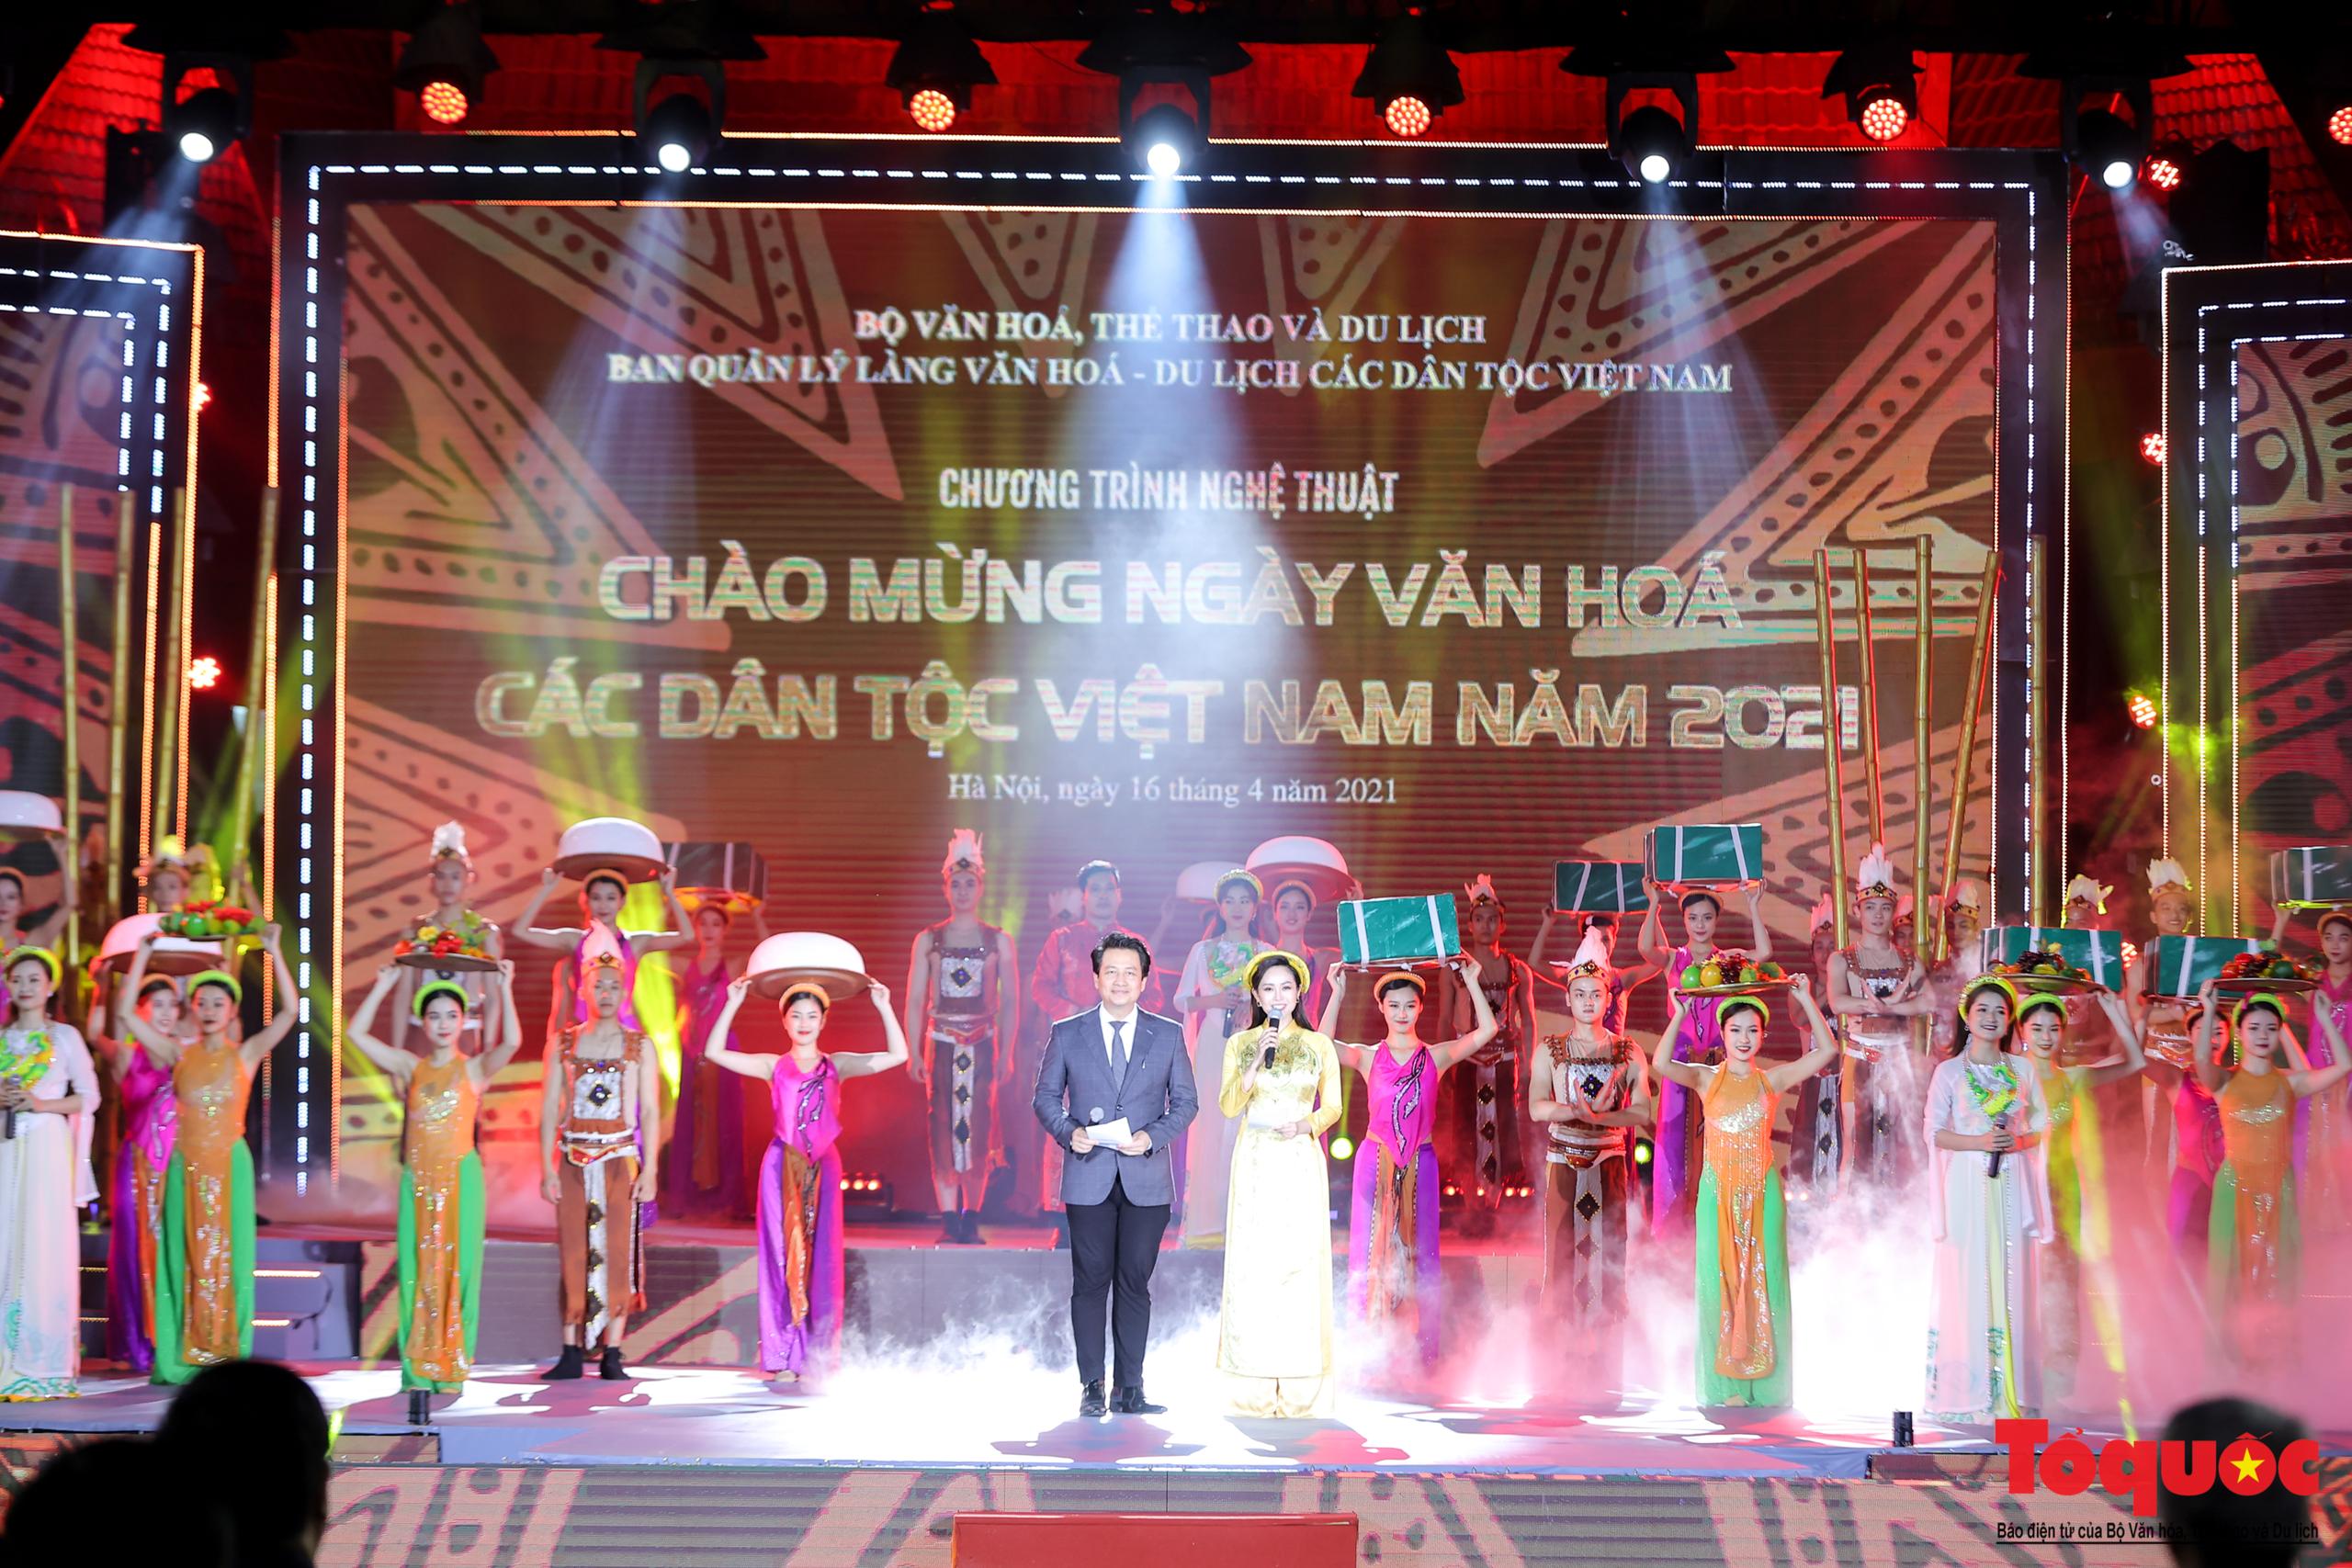 """(Chùm ảnh) Chương trình nghệ thuật đặc sắc """"Văn hoá các dân tộc – Hội tụ và phát triển"""" chào mừng Ngày Văn hoá các dân tộc Việt Nam 2021 - Ảnh 1."""